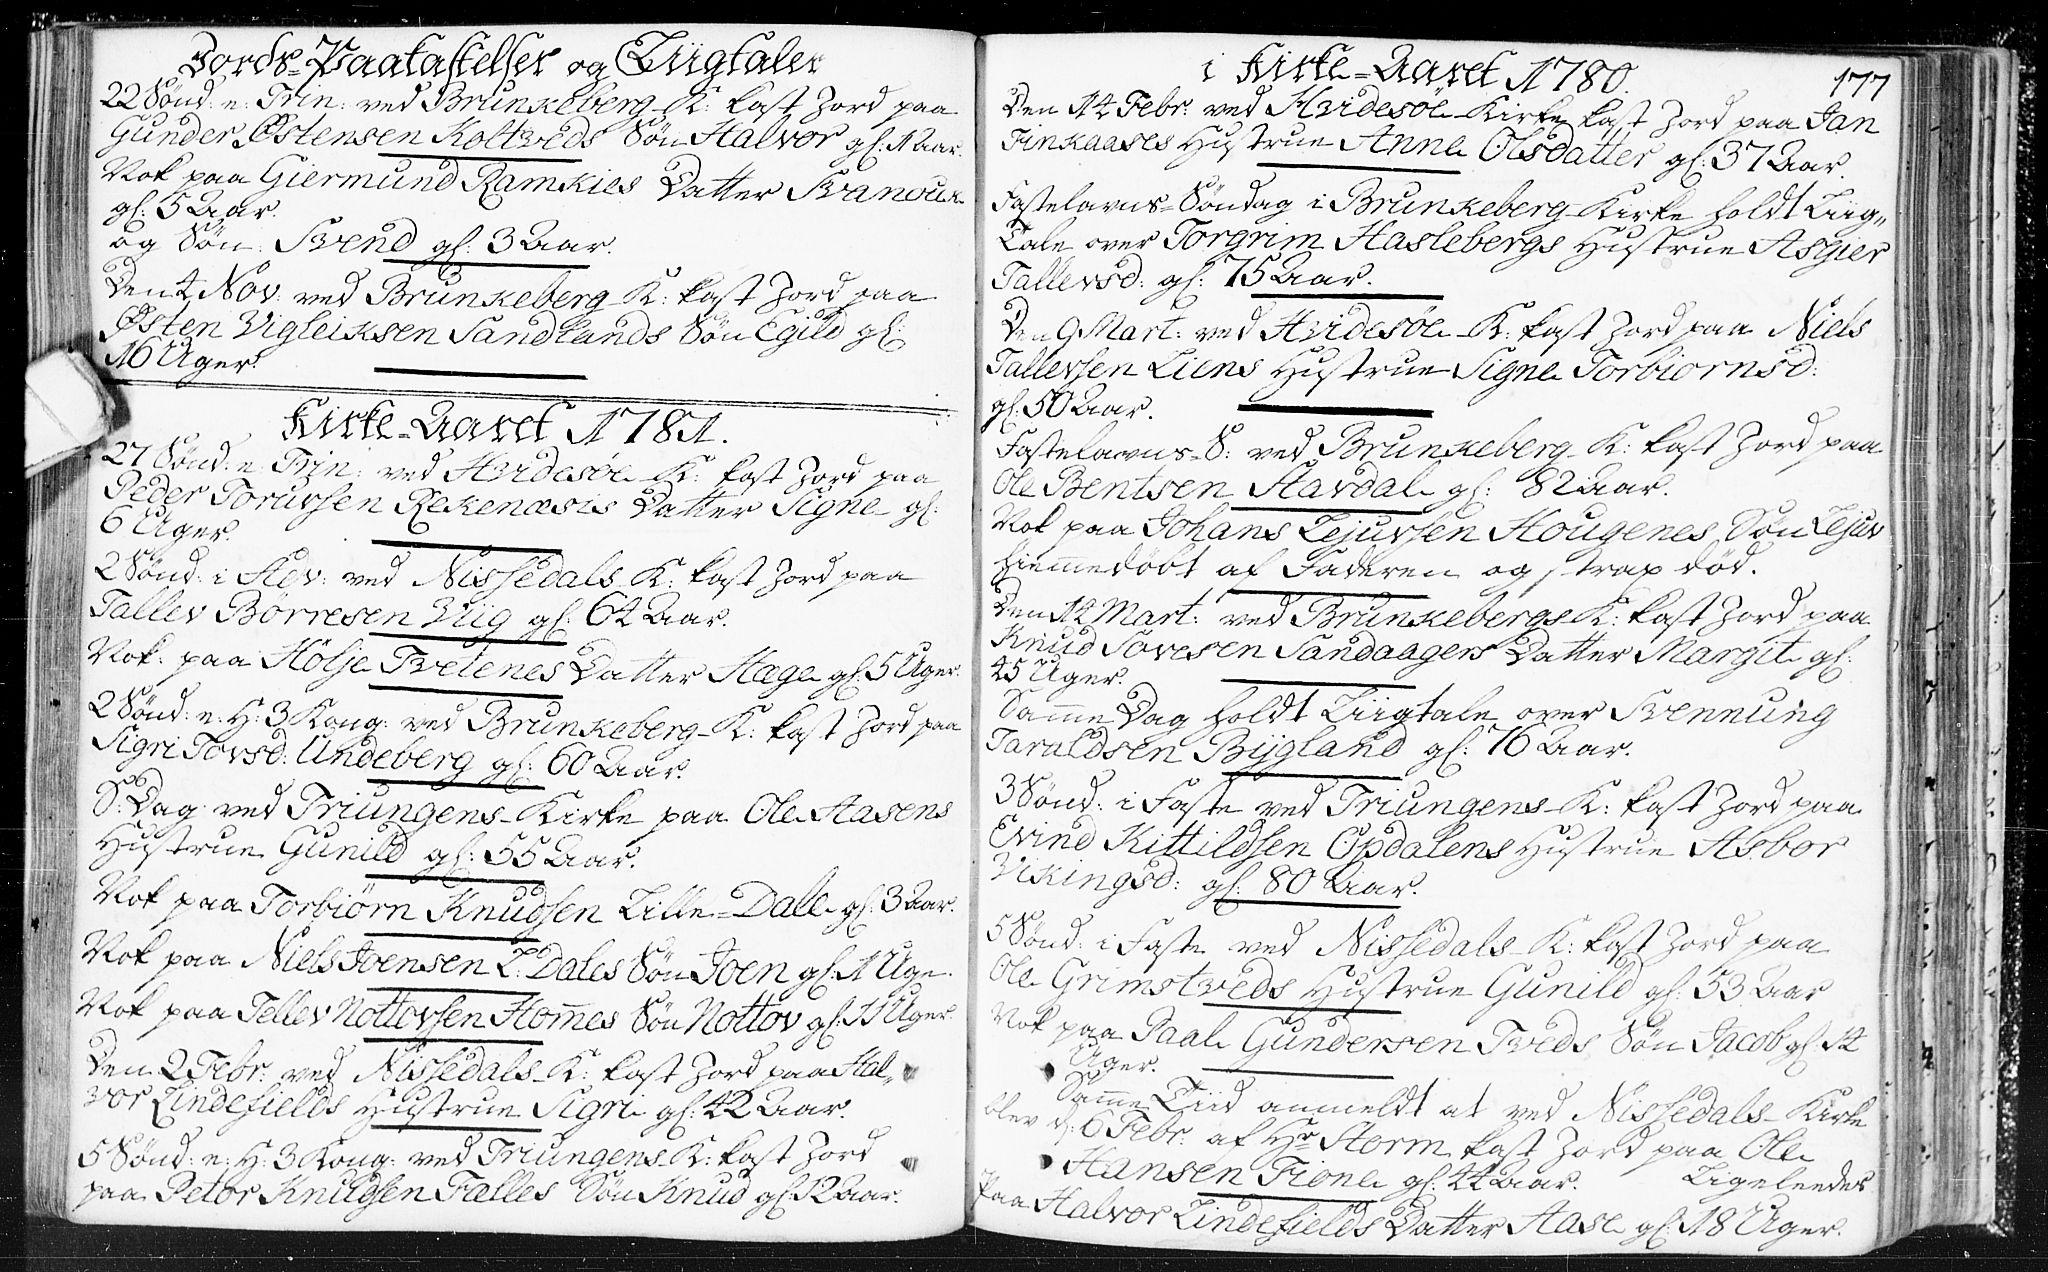 SAKO, Kviteseid kirkebøker, F/Fa/L0002: Ministerialbok nr. I 2, 1773-1786, s. 177